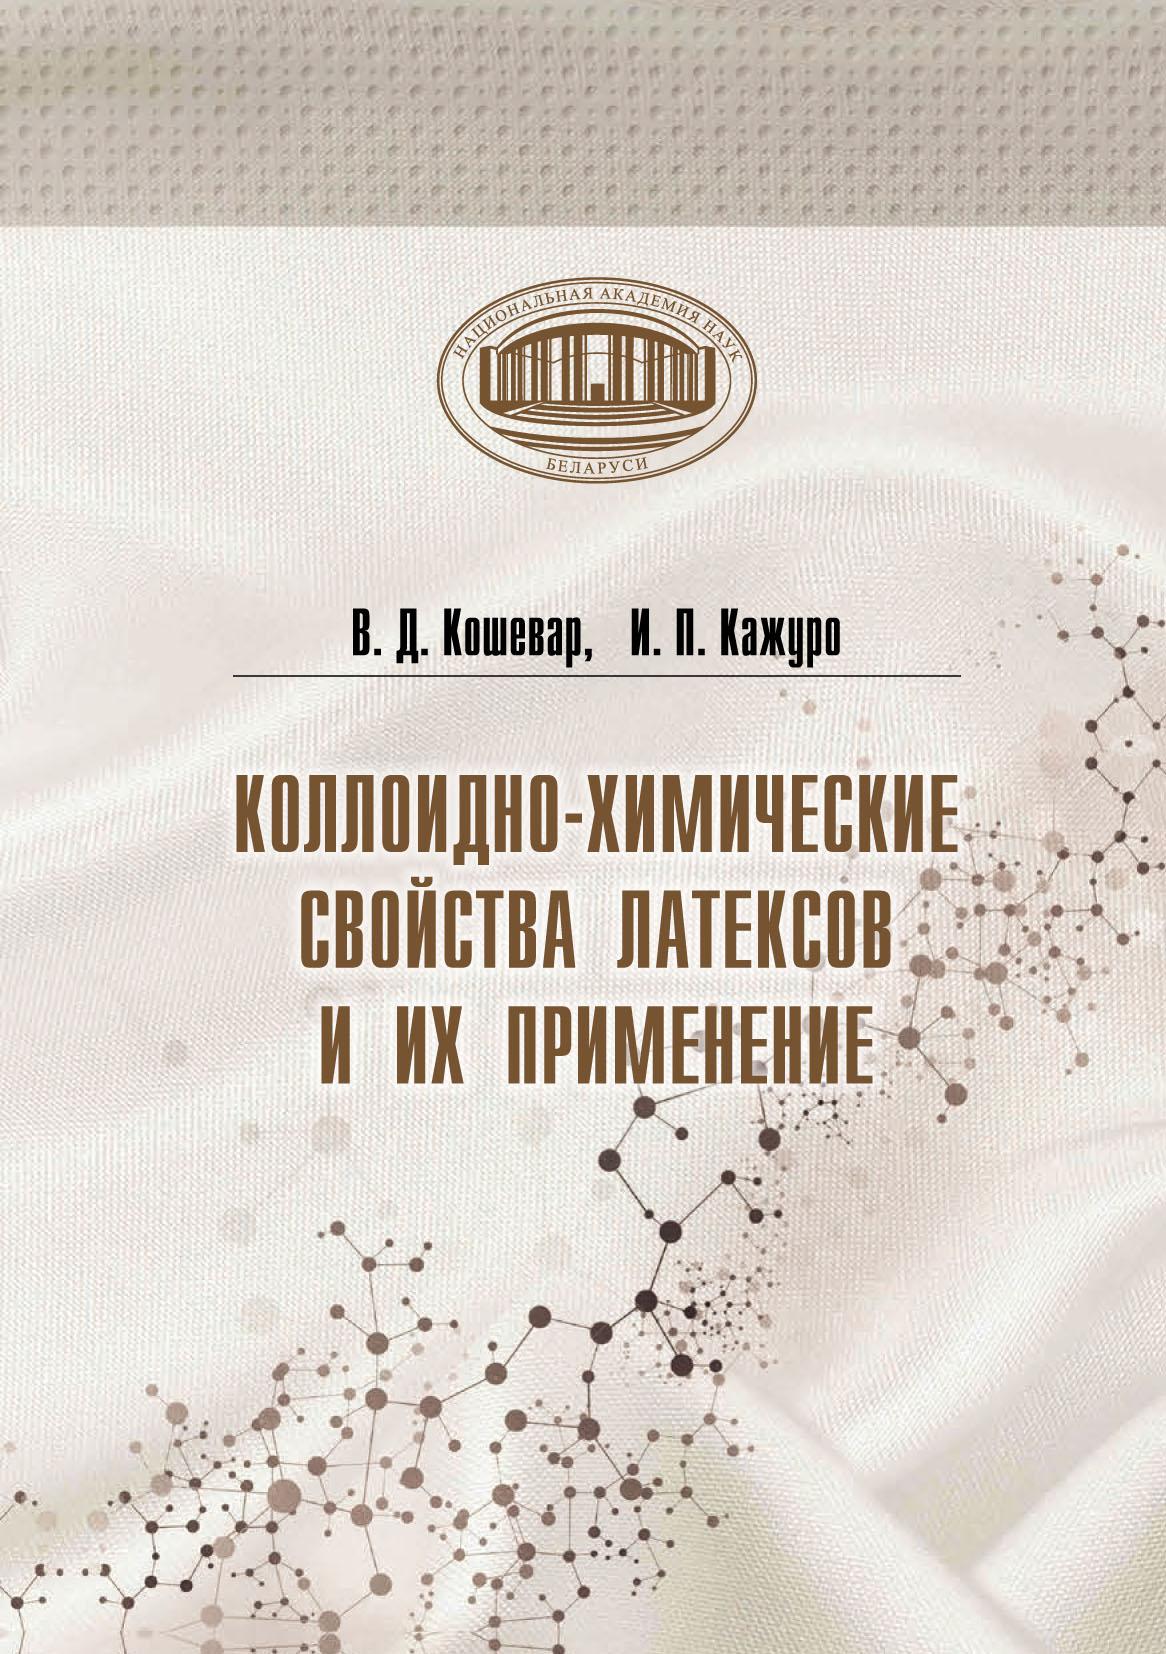 Купить книгу Коллоидно-химические свойства латексов и их применение, автора В. Д. Кошевара